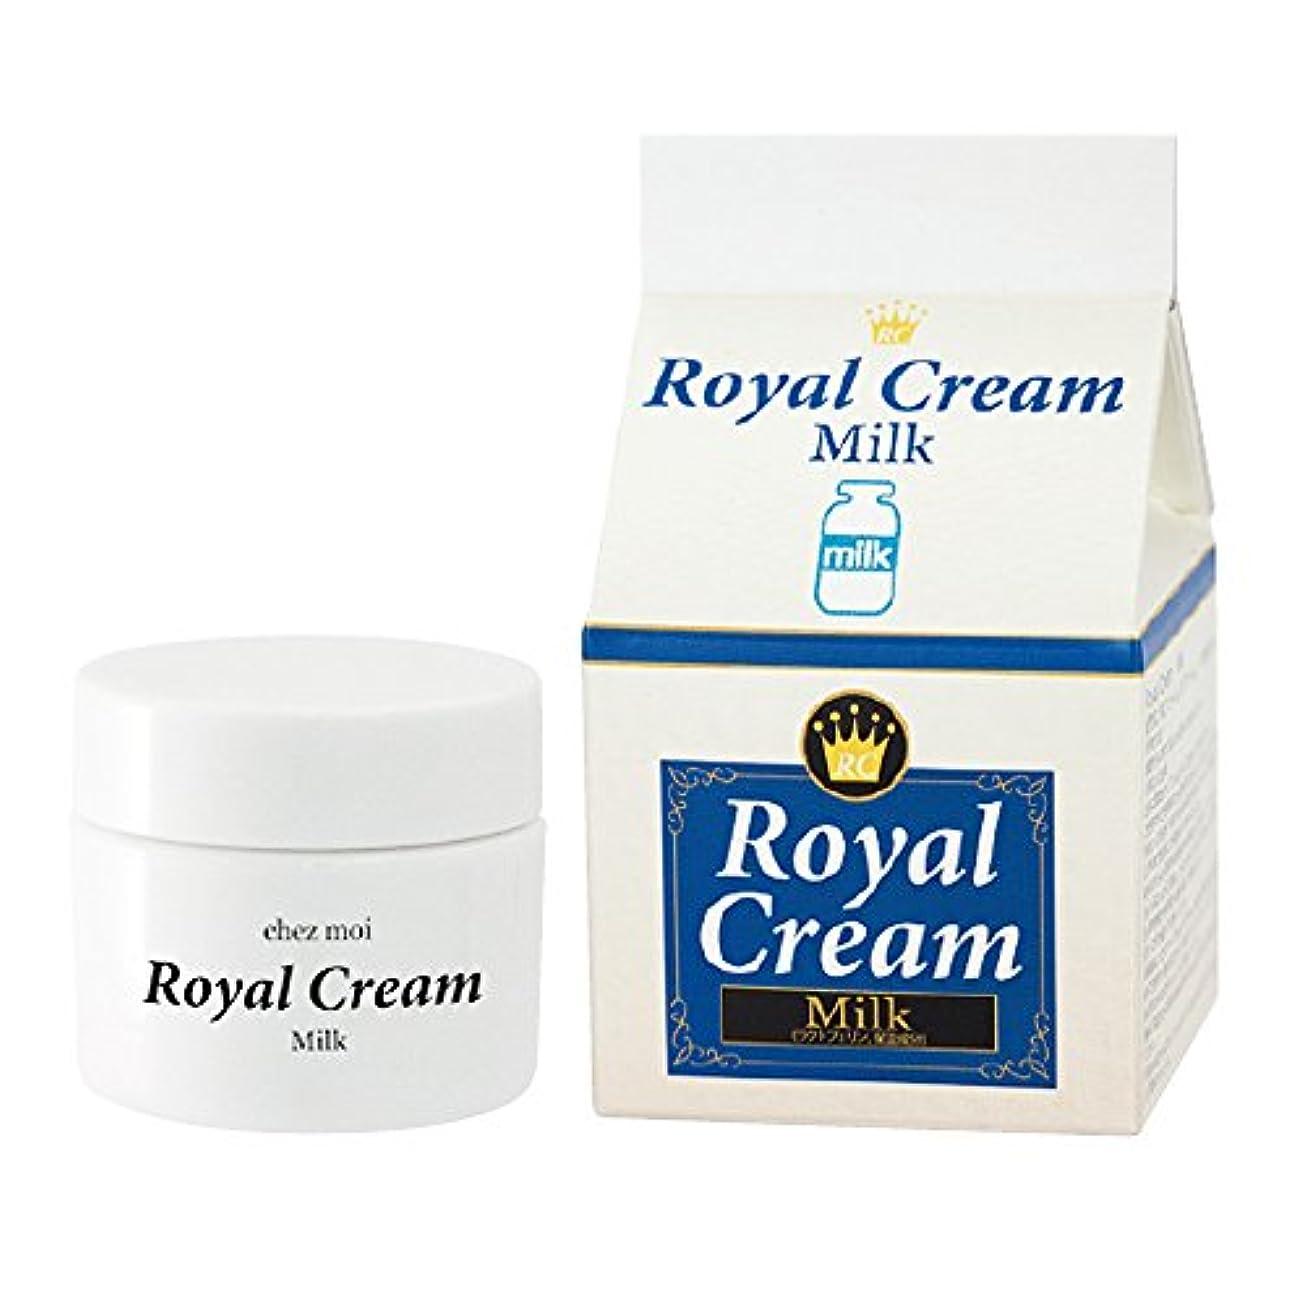 ストラトフォードオンエイボン処方する下に向けますRoyal Cream(ロイヤルクリーム) Milk(ミルク) 30g